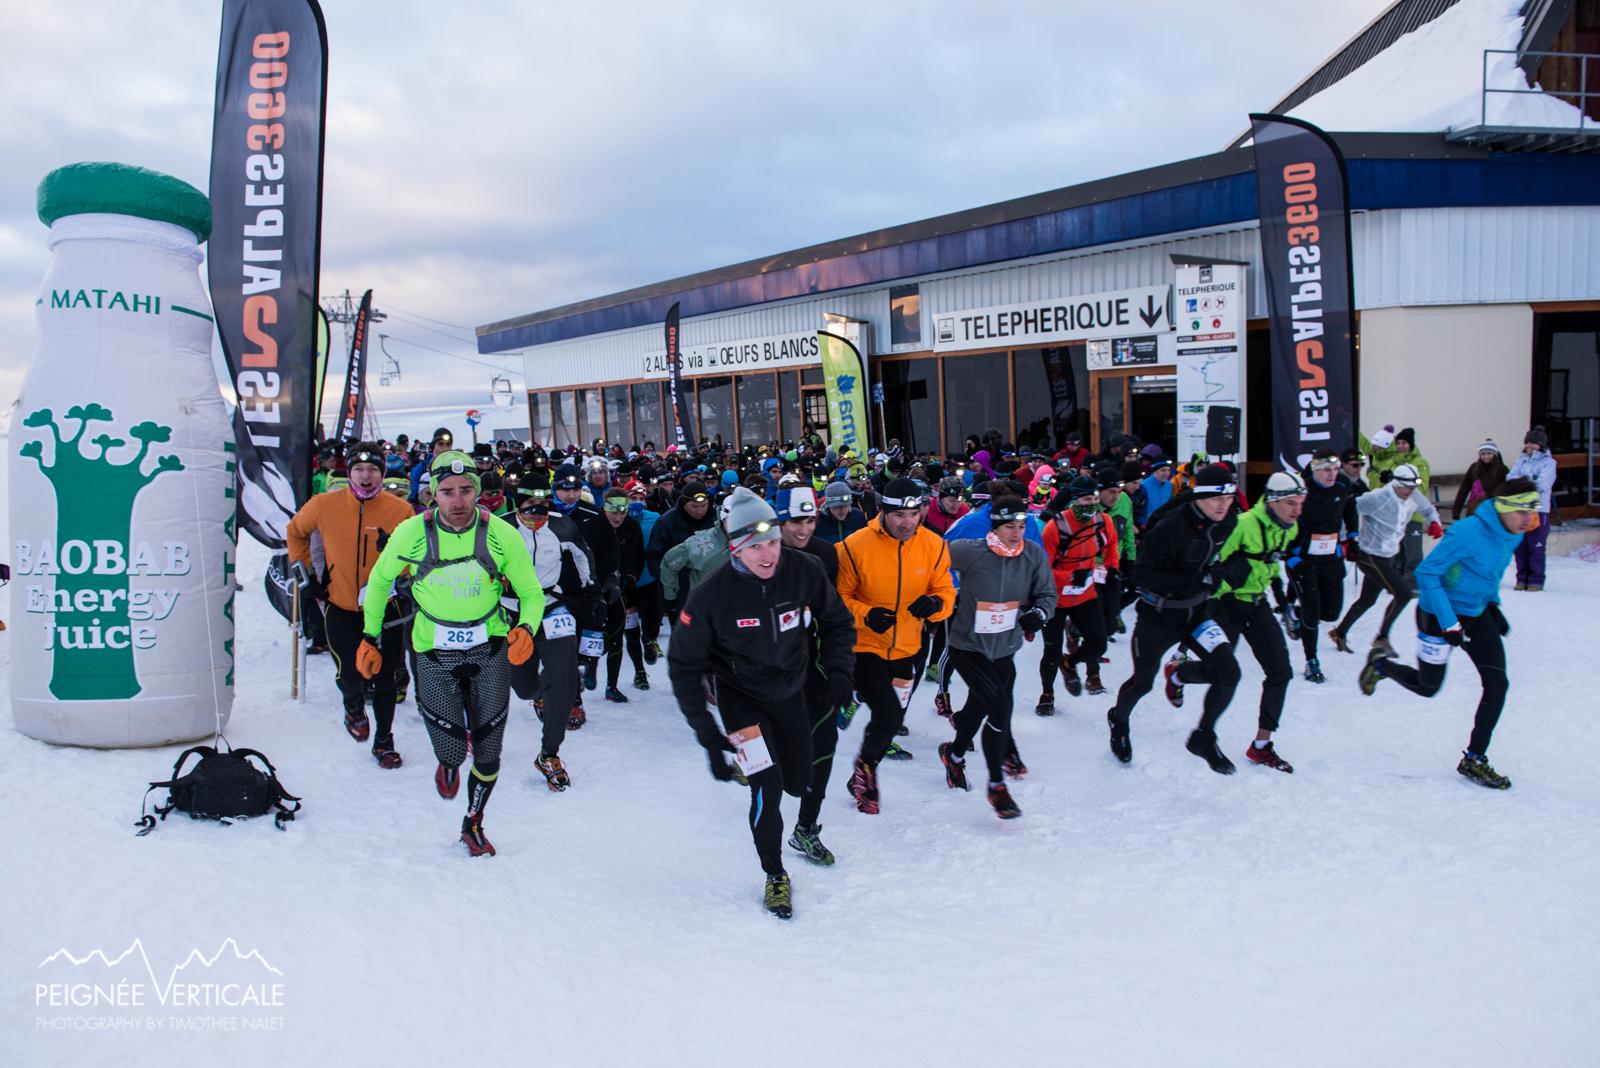 Timothée-Nalet-Le Dauphiné-Snow Trail Lafuma-5855.jpg